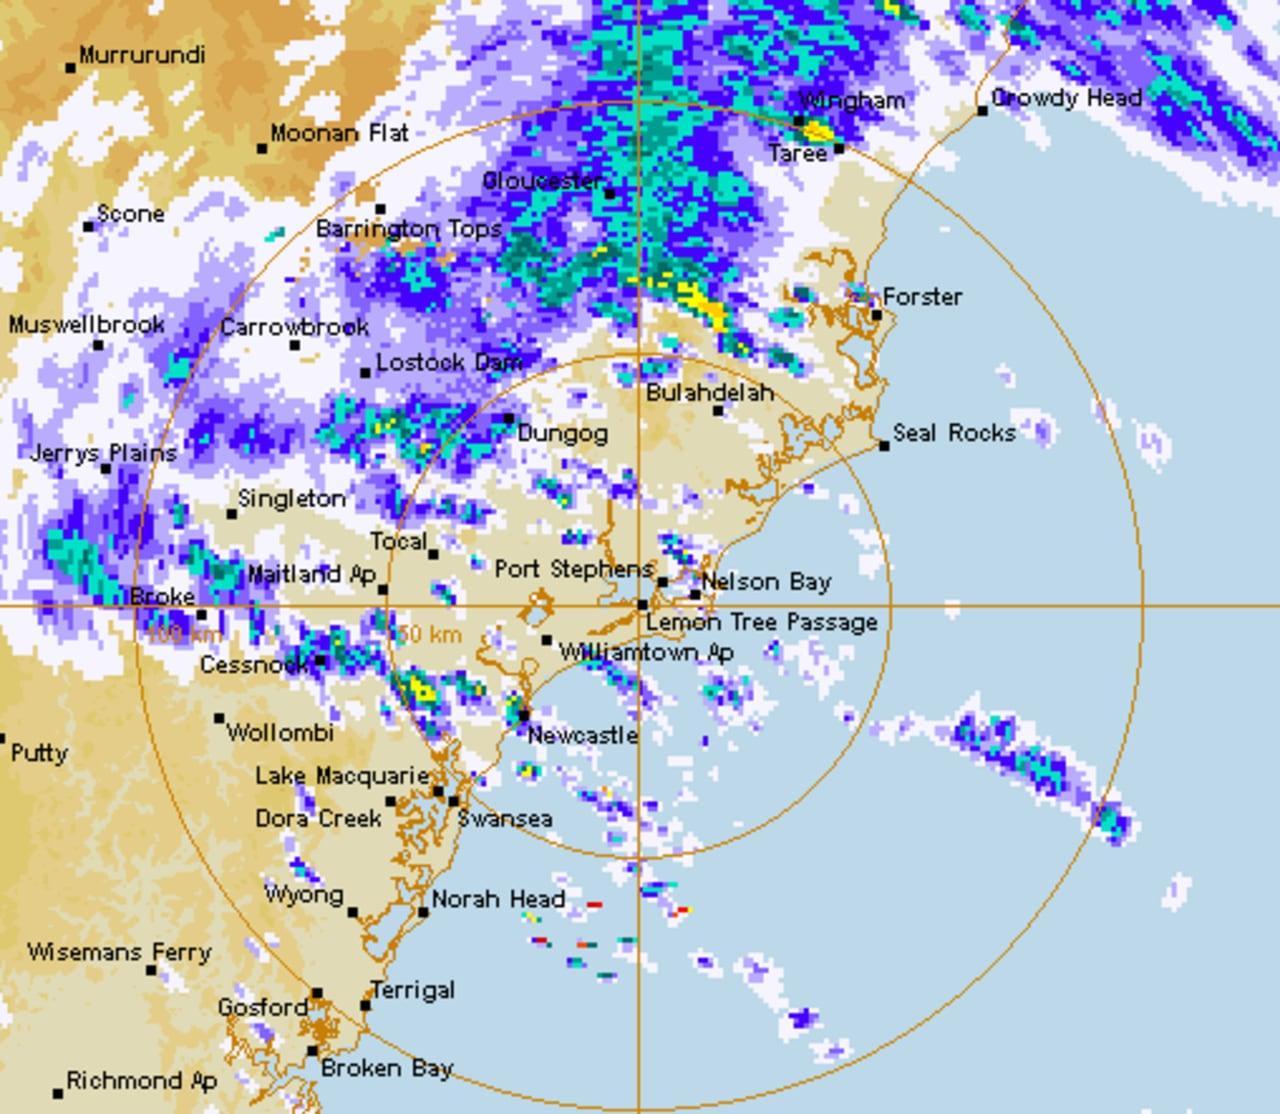 Sydney, los residentes de la costa este advirtieron que se preparen para condiciones 'potencialmente mortales' a medida que la lluvia y las inundaciones afectan al estado